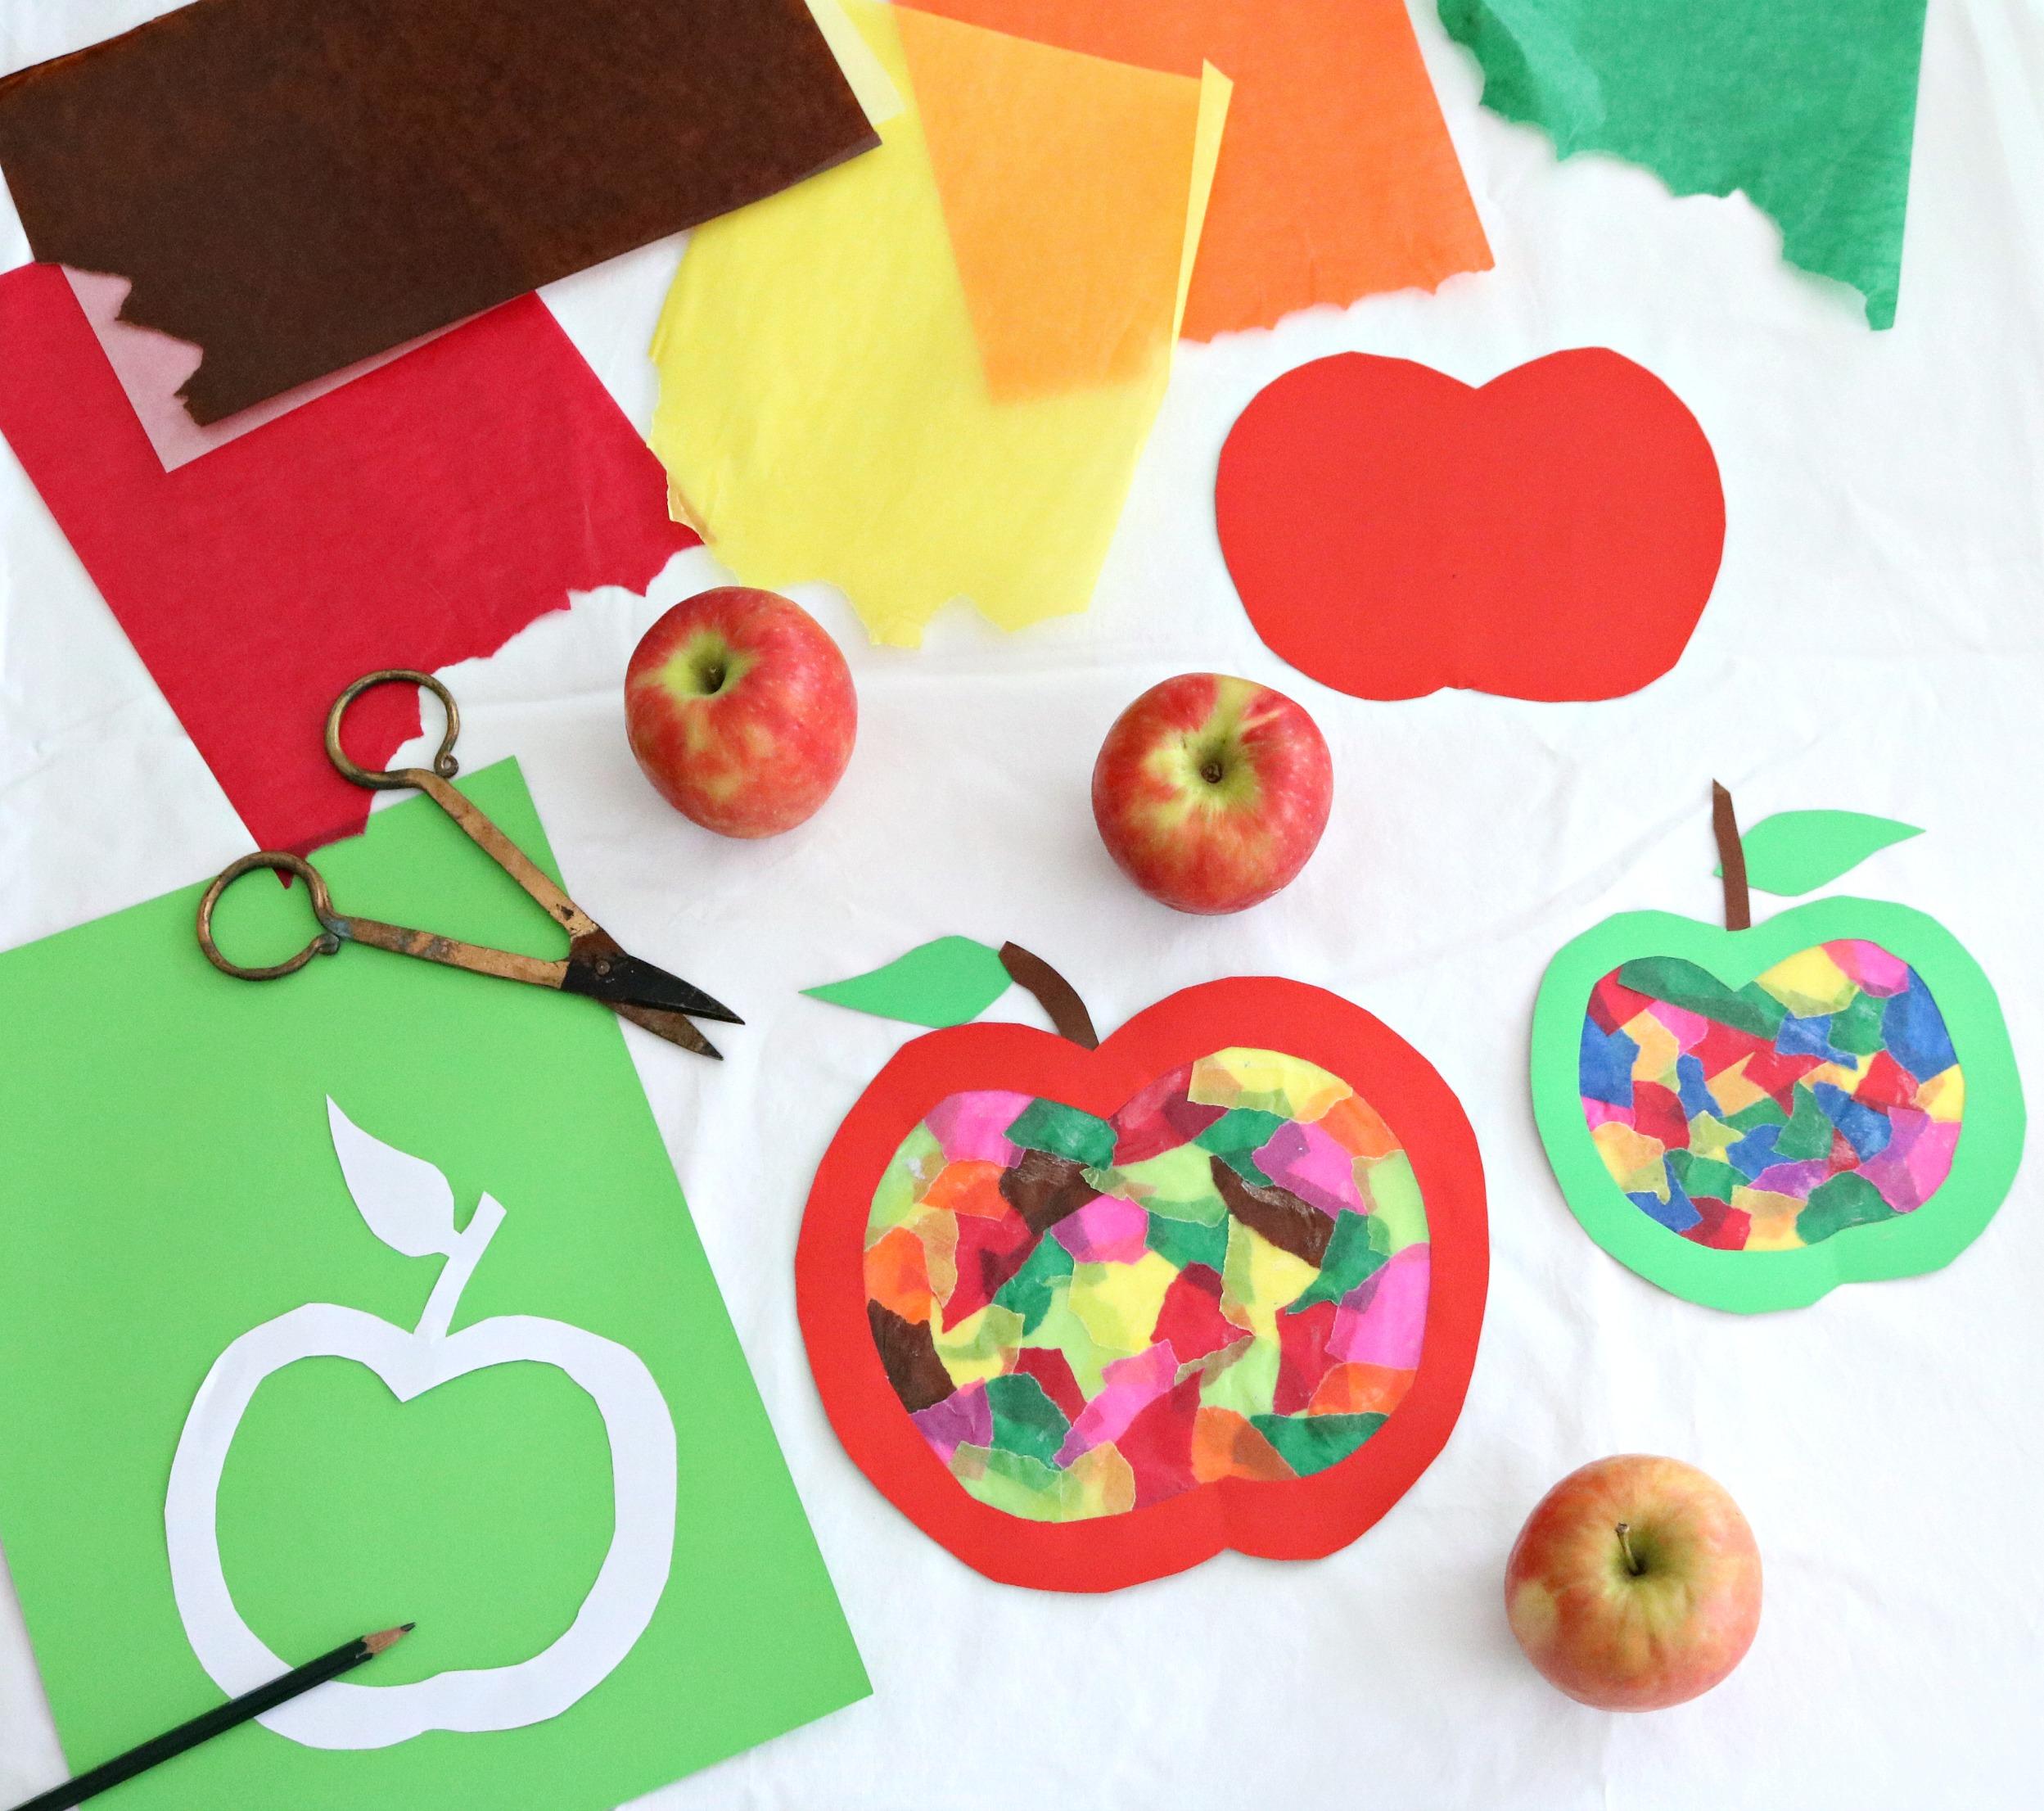 Material Apfelfensterbild